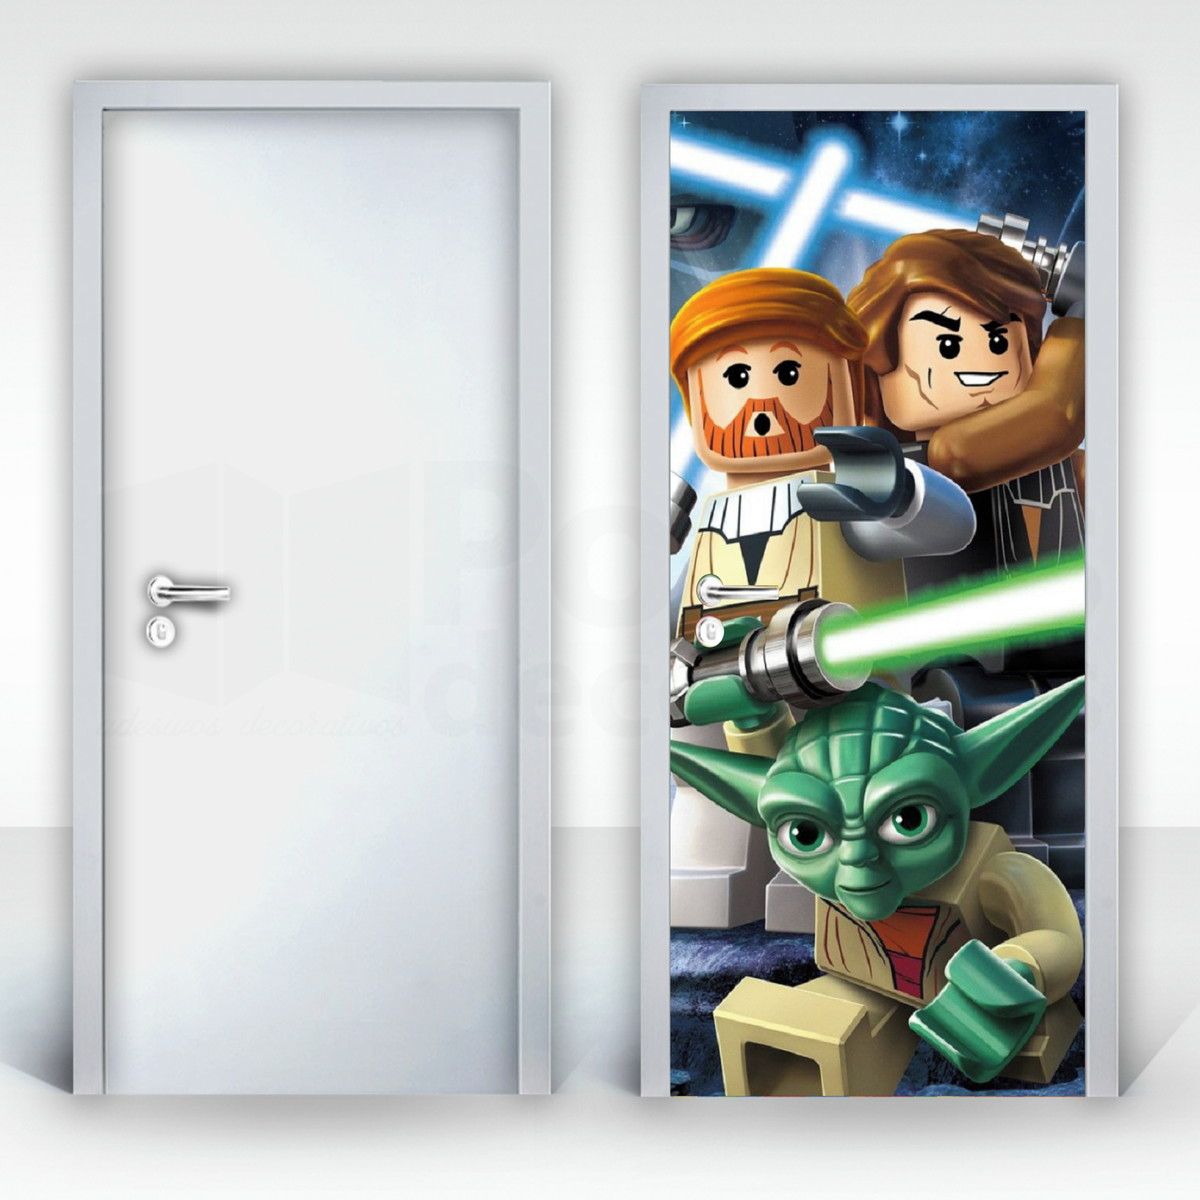 Adesivo Porta Lego Star Wars Crie Decore Elo7 ~ Decoração De Quarto Star Wars E Pintura Quarto De Menina